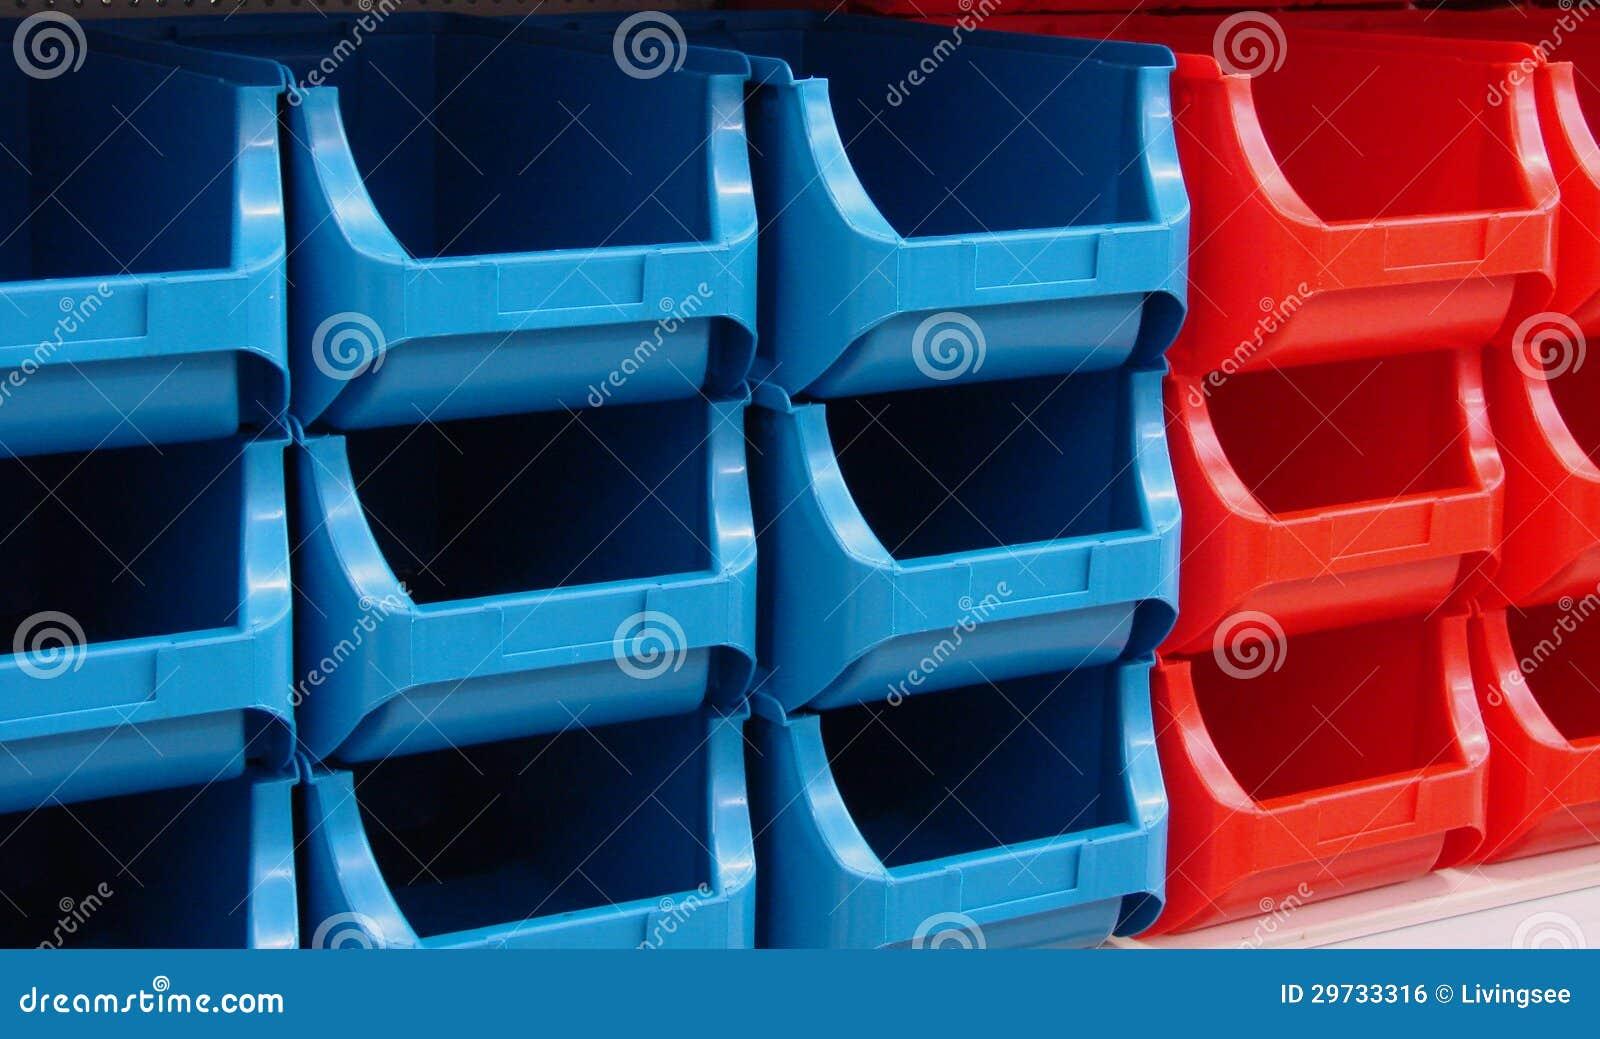 Pila tienda caja pl stico imagen de archivo libre de - Cajas apilables de plastico ...